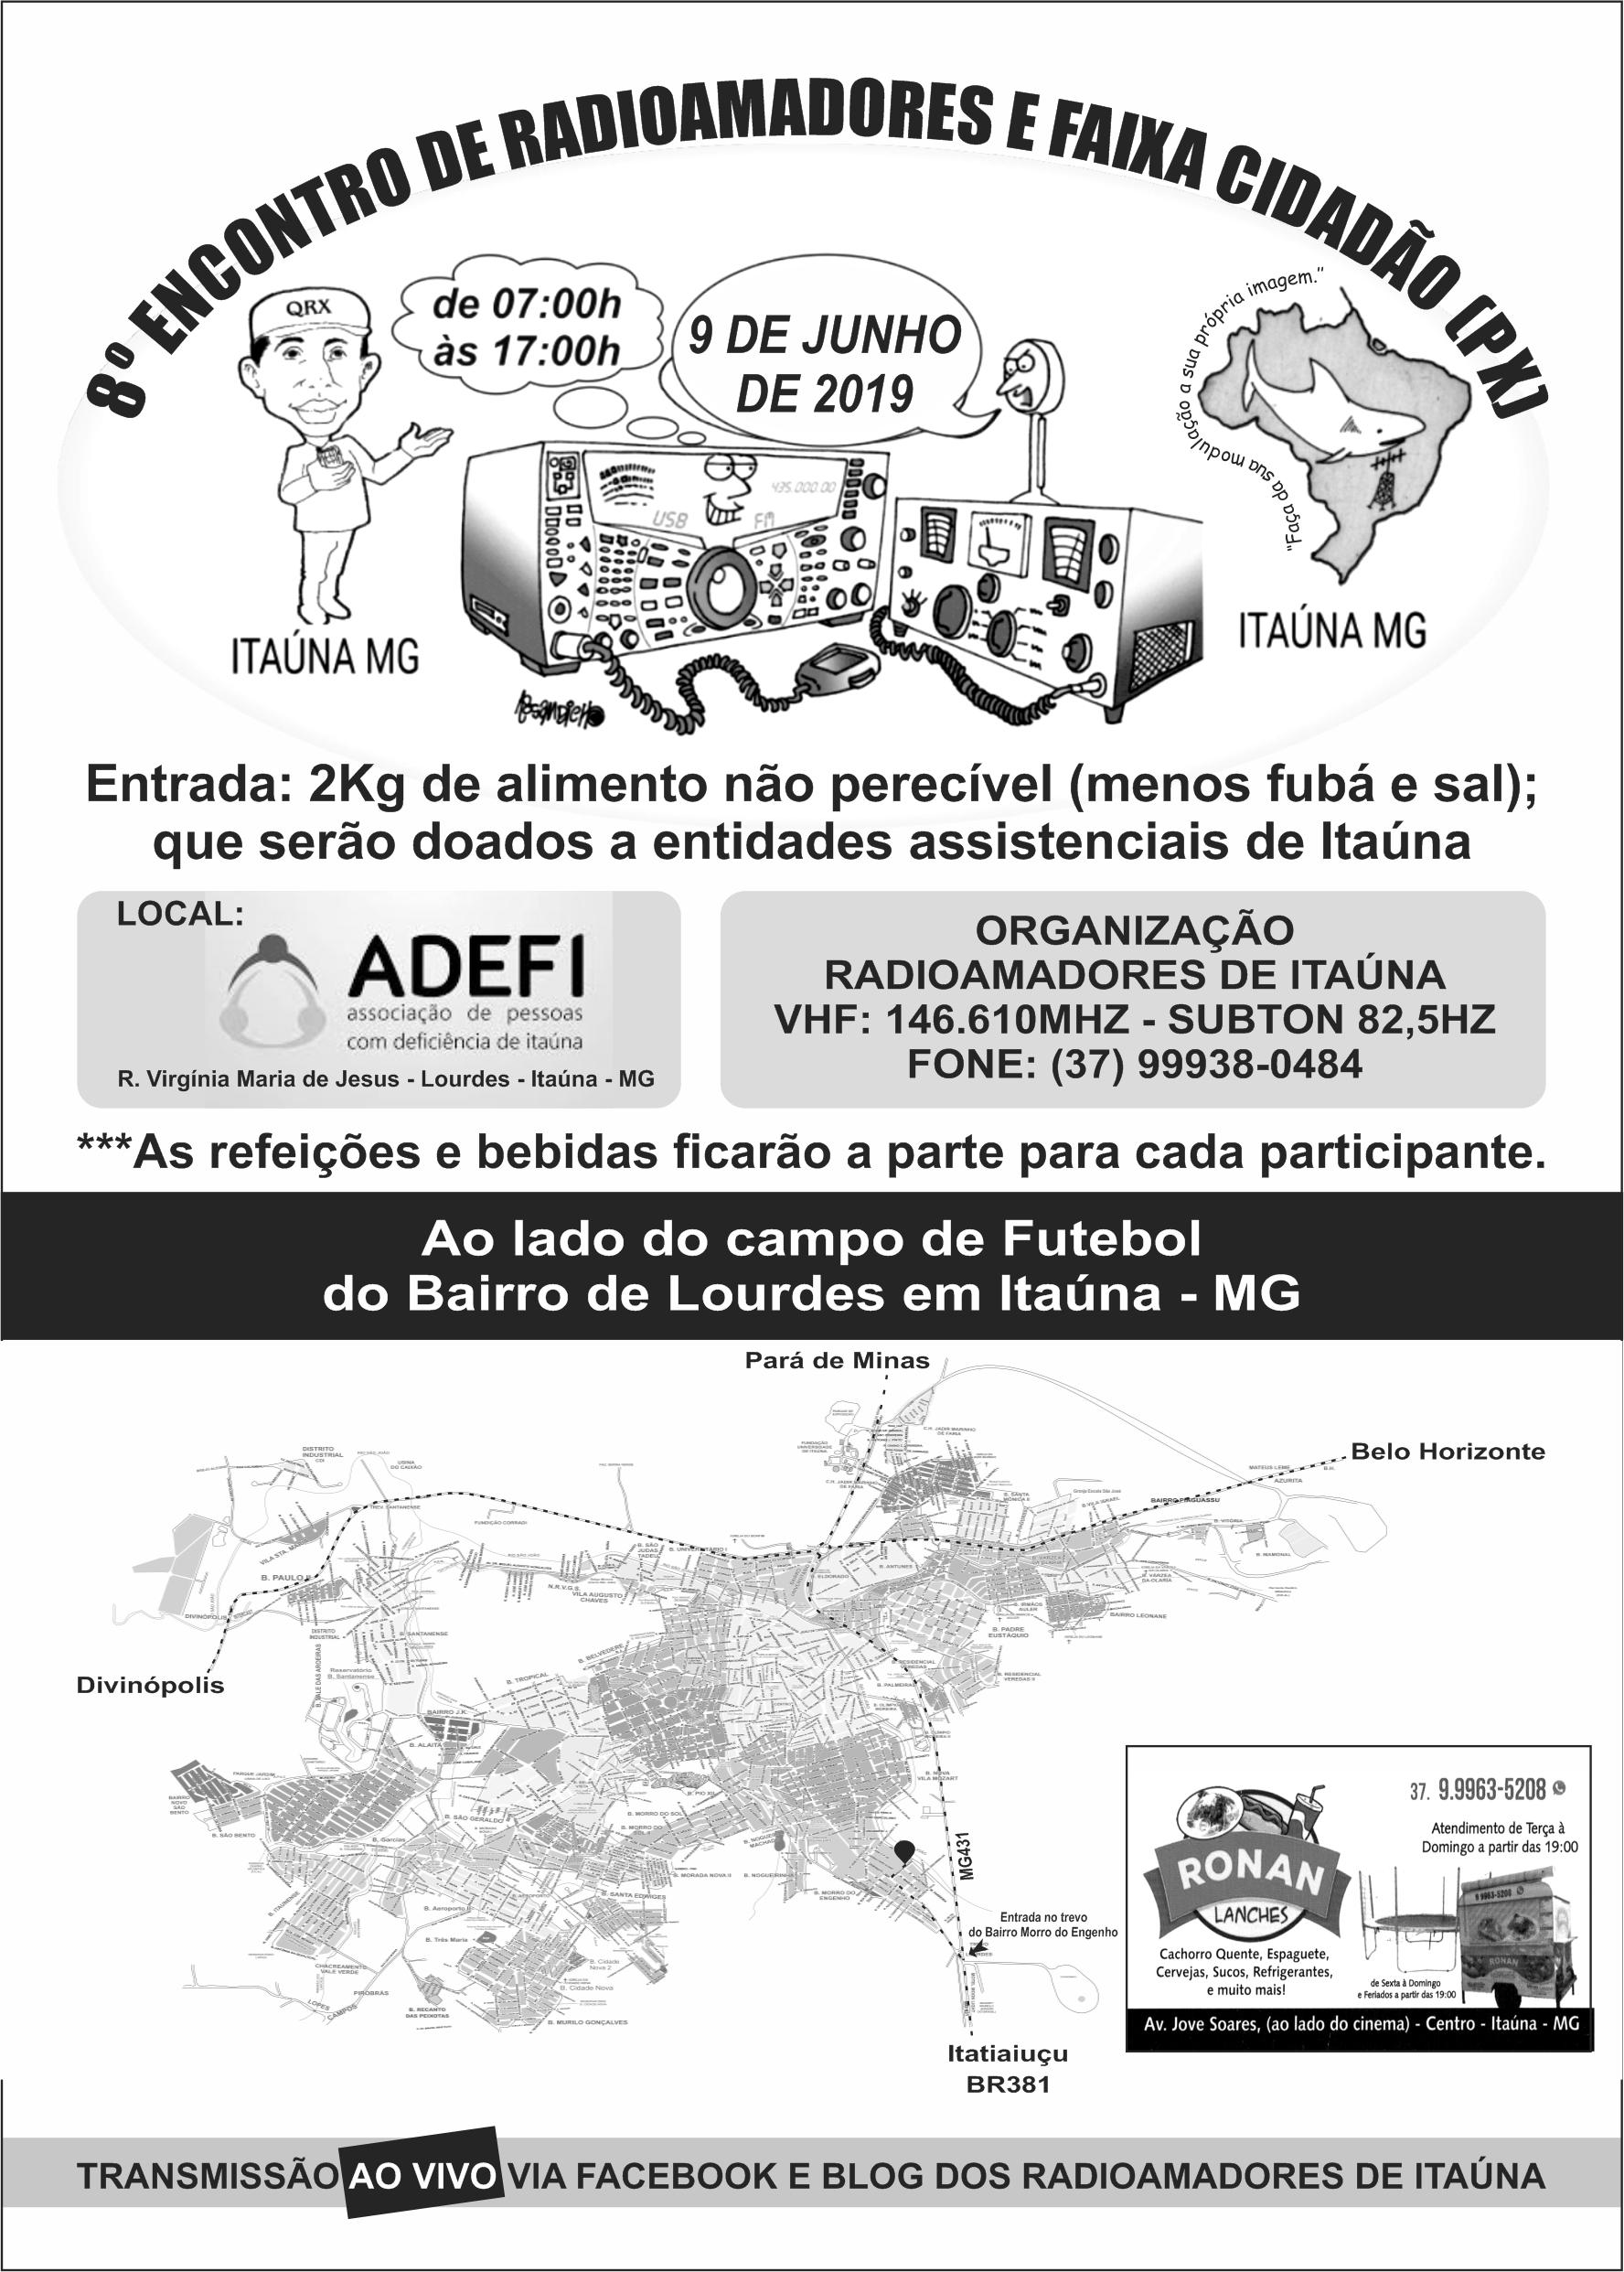 Radio Amadores de Itauna.jpg